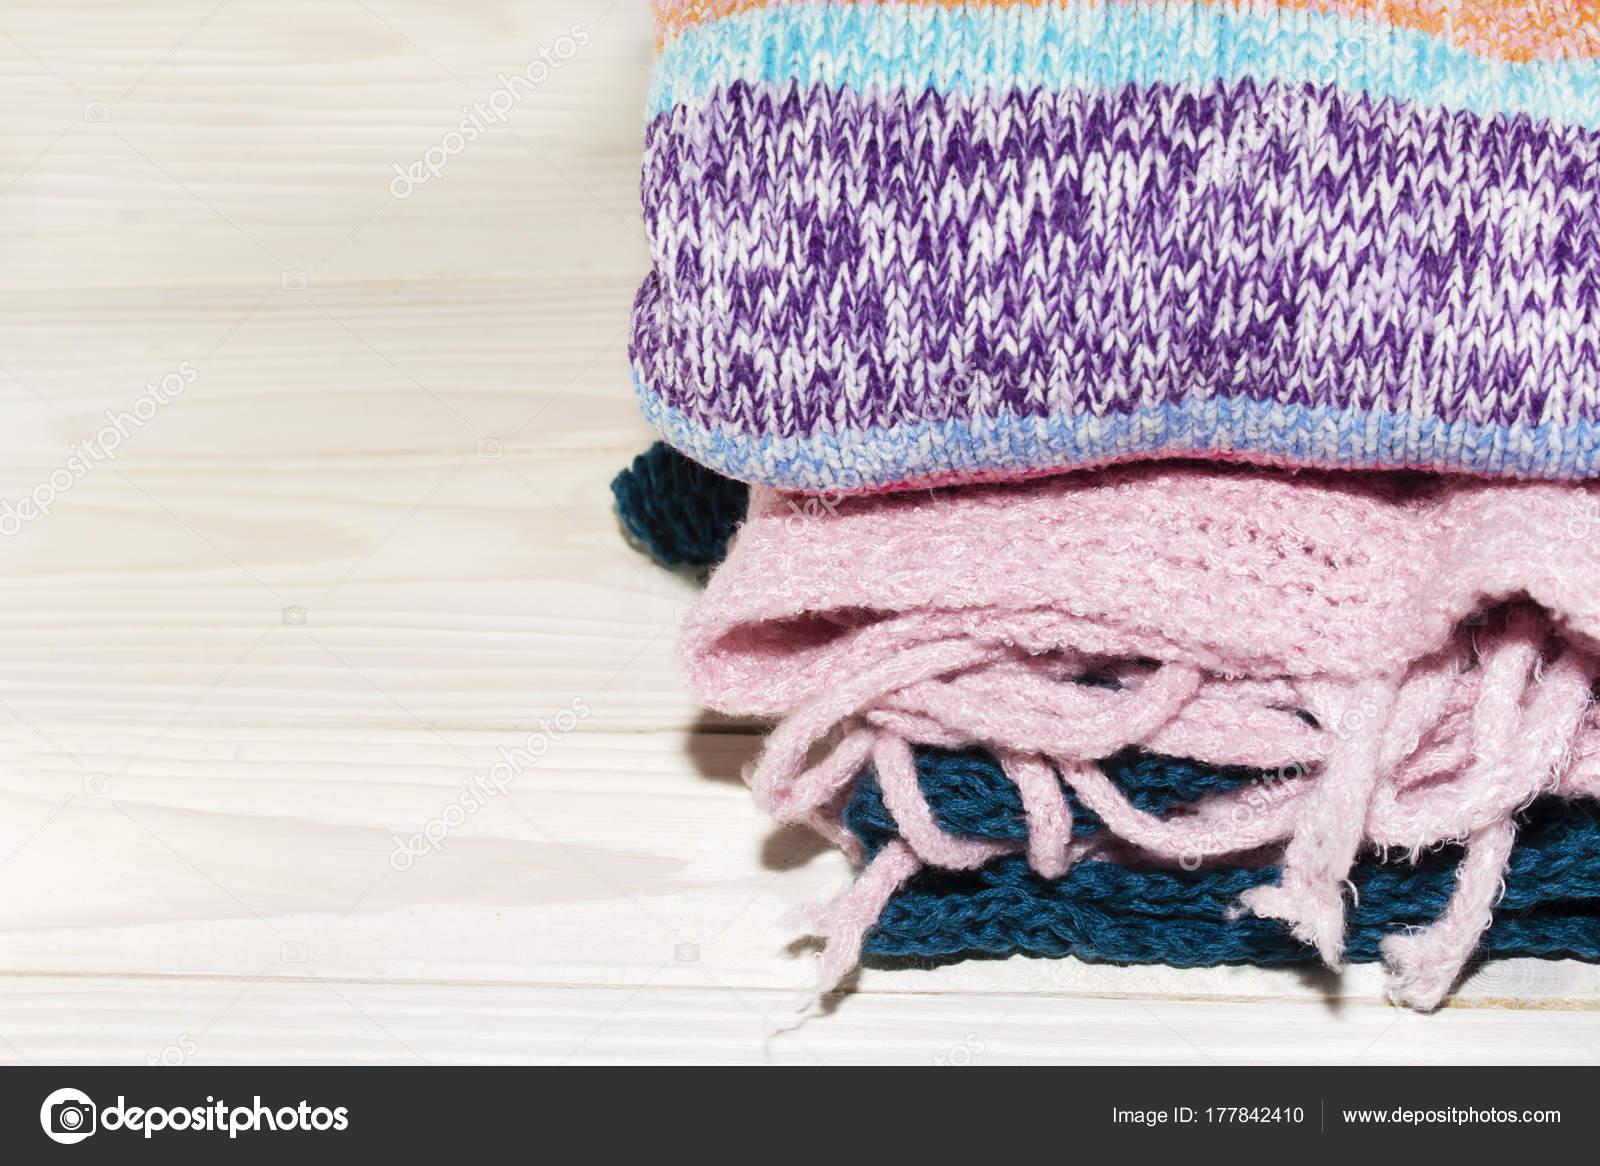 6281b5583141 Πουλόβερ πλεκτό μαλλί. Σωρός από πλεκτό χειμωνιάτικα ρούχα σε ξύλινο  υπόβαθρο